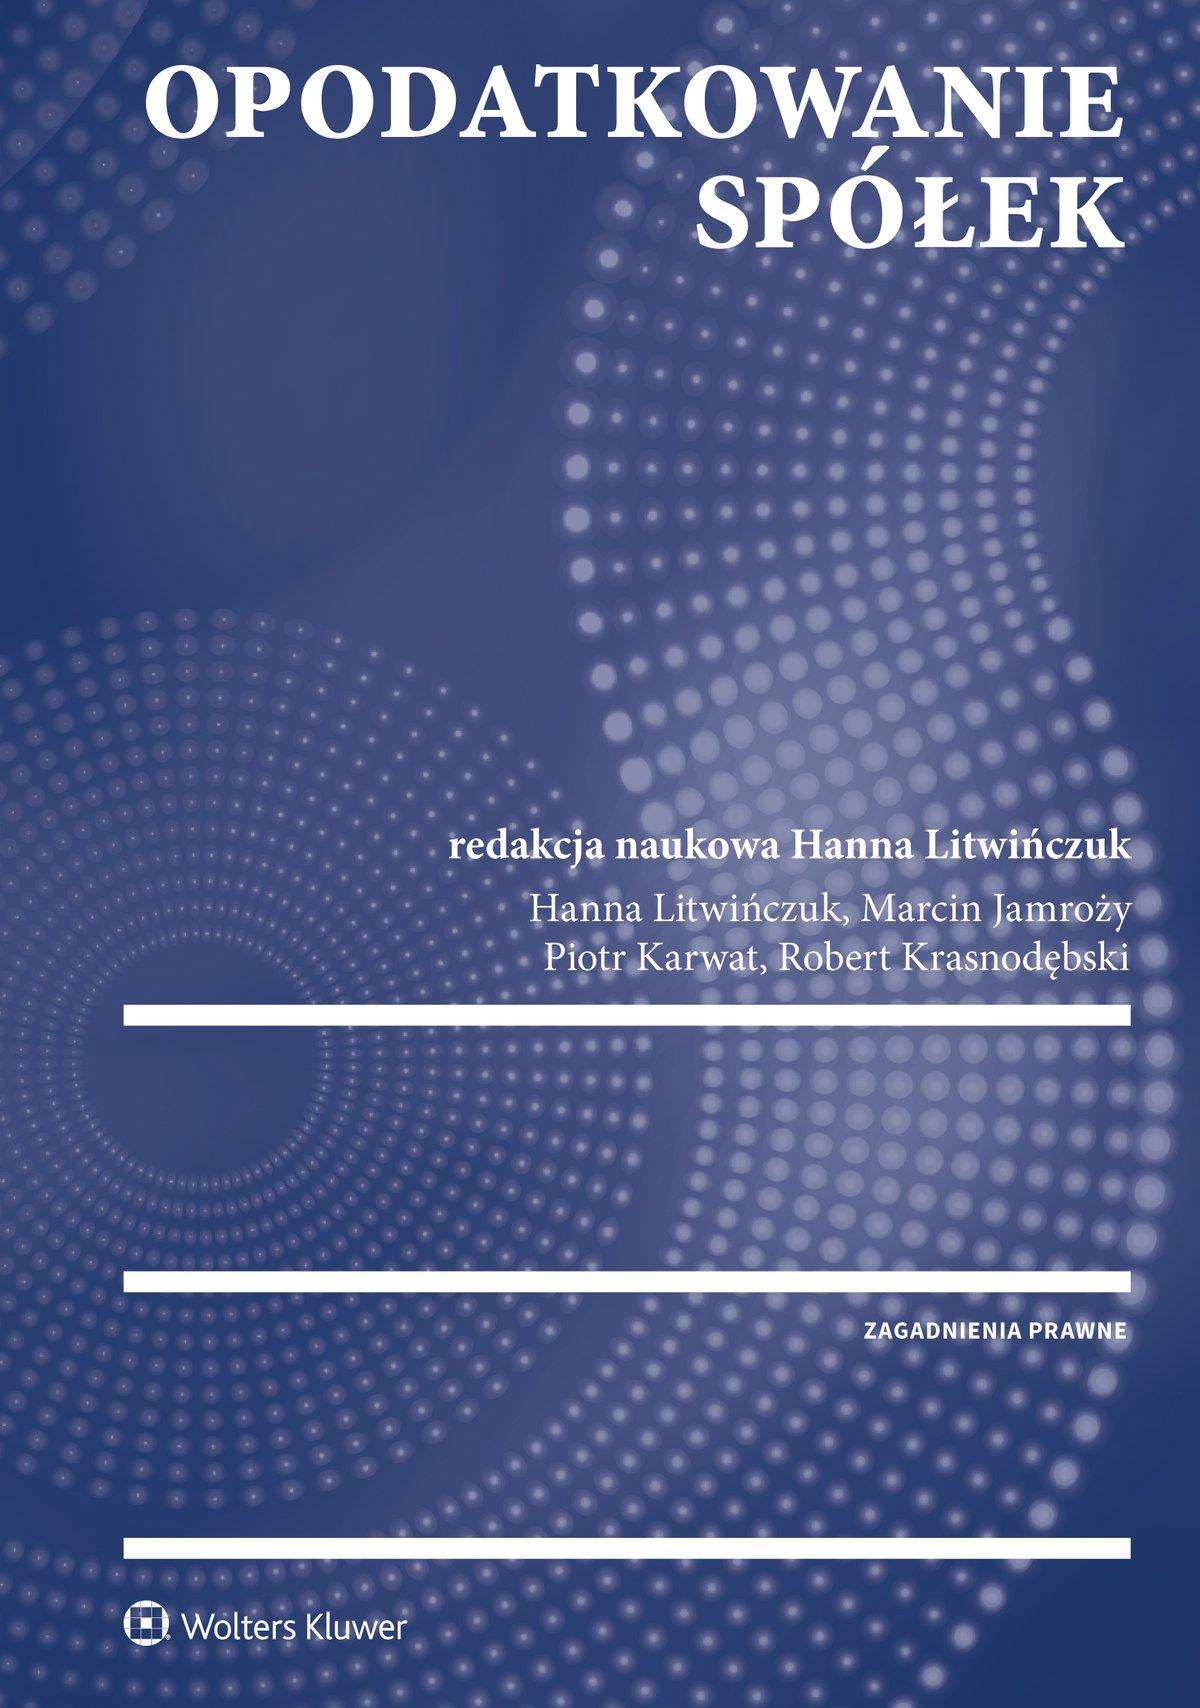 Opodatkowanie spółek - Ebook (Książka PDF) do pobrania w formacie PDF